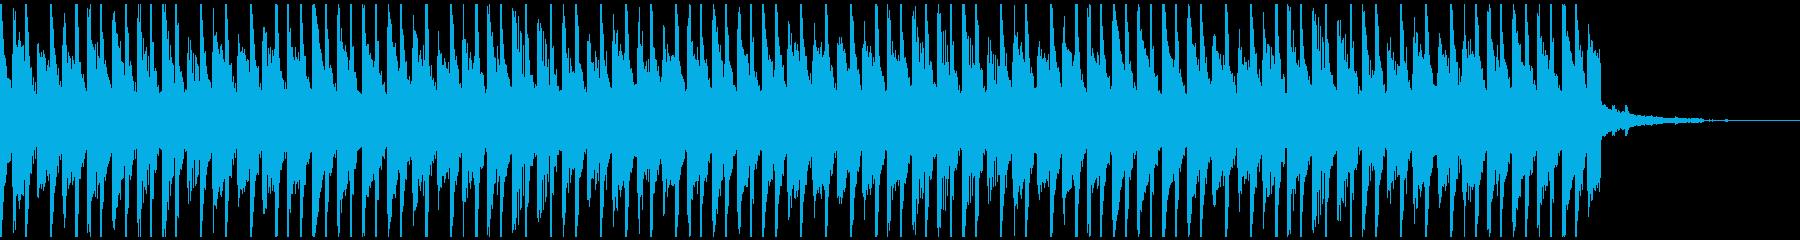 喜び(30秒)の再生済みの波形